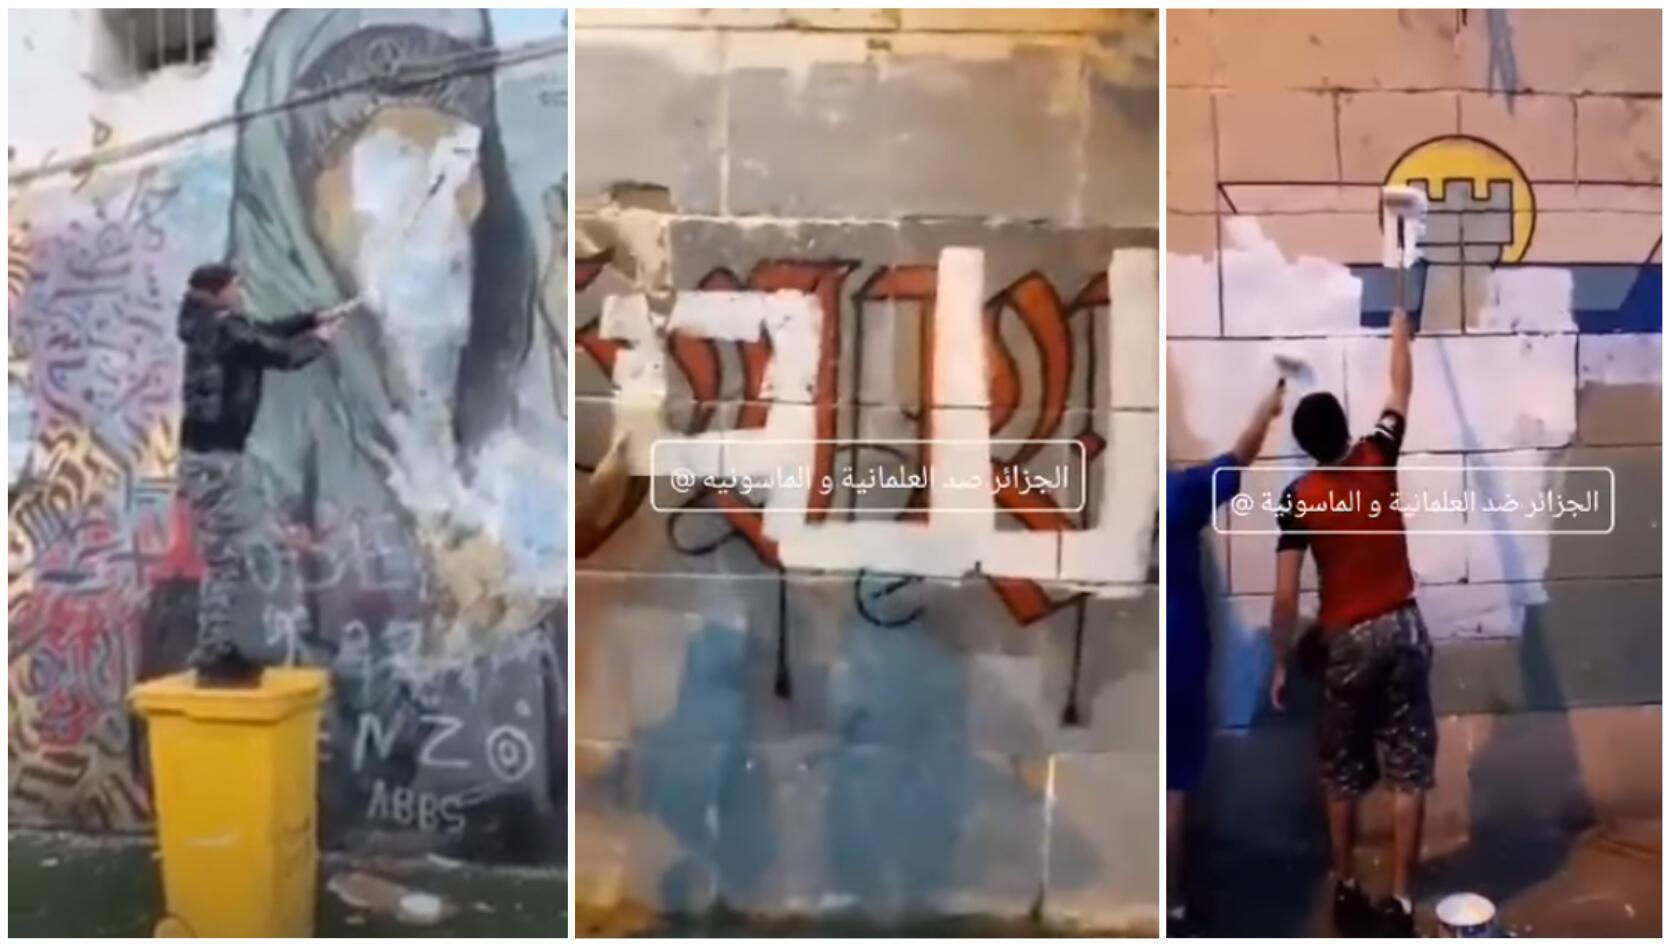 À gauche, un des trois individus qui ont vandalisé la fresque murale à Alger Centre. Au milieu et à droite, une autre fresque qui avait été recouverte elle aussi de peinture, à la Casbah d'Alger. Captures d'écran.